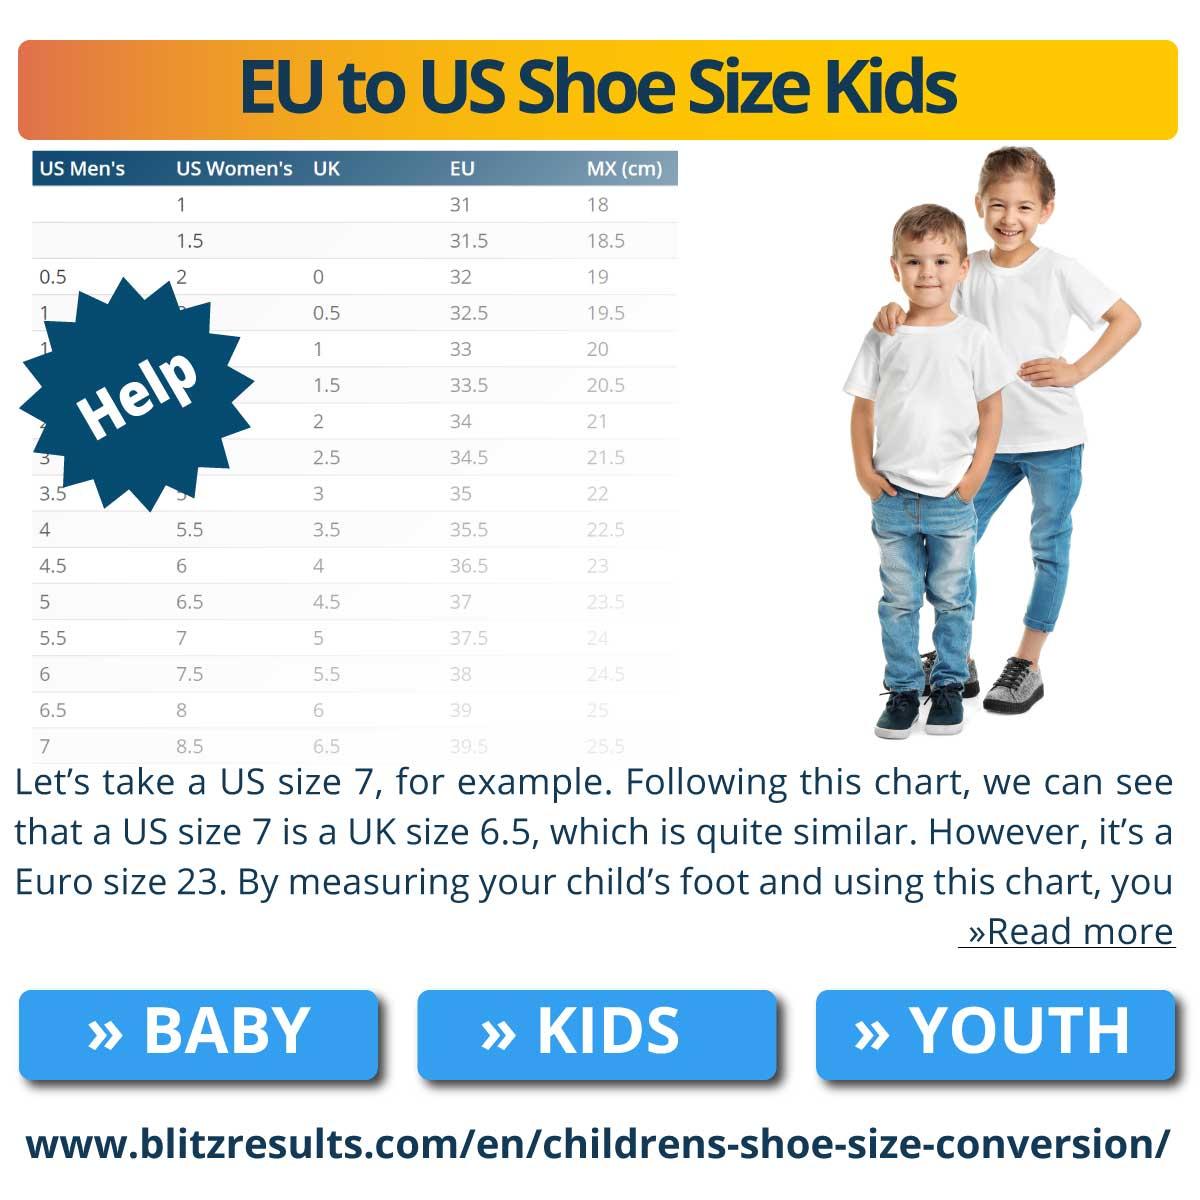 EU to US Shoe Size Kids